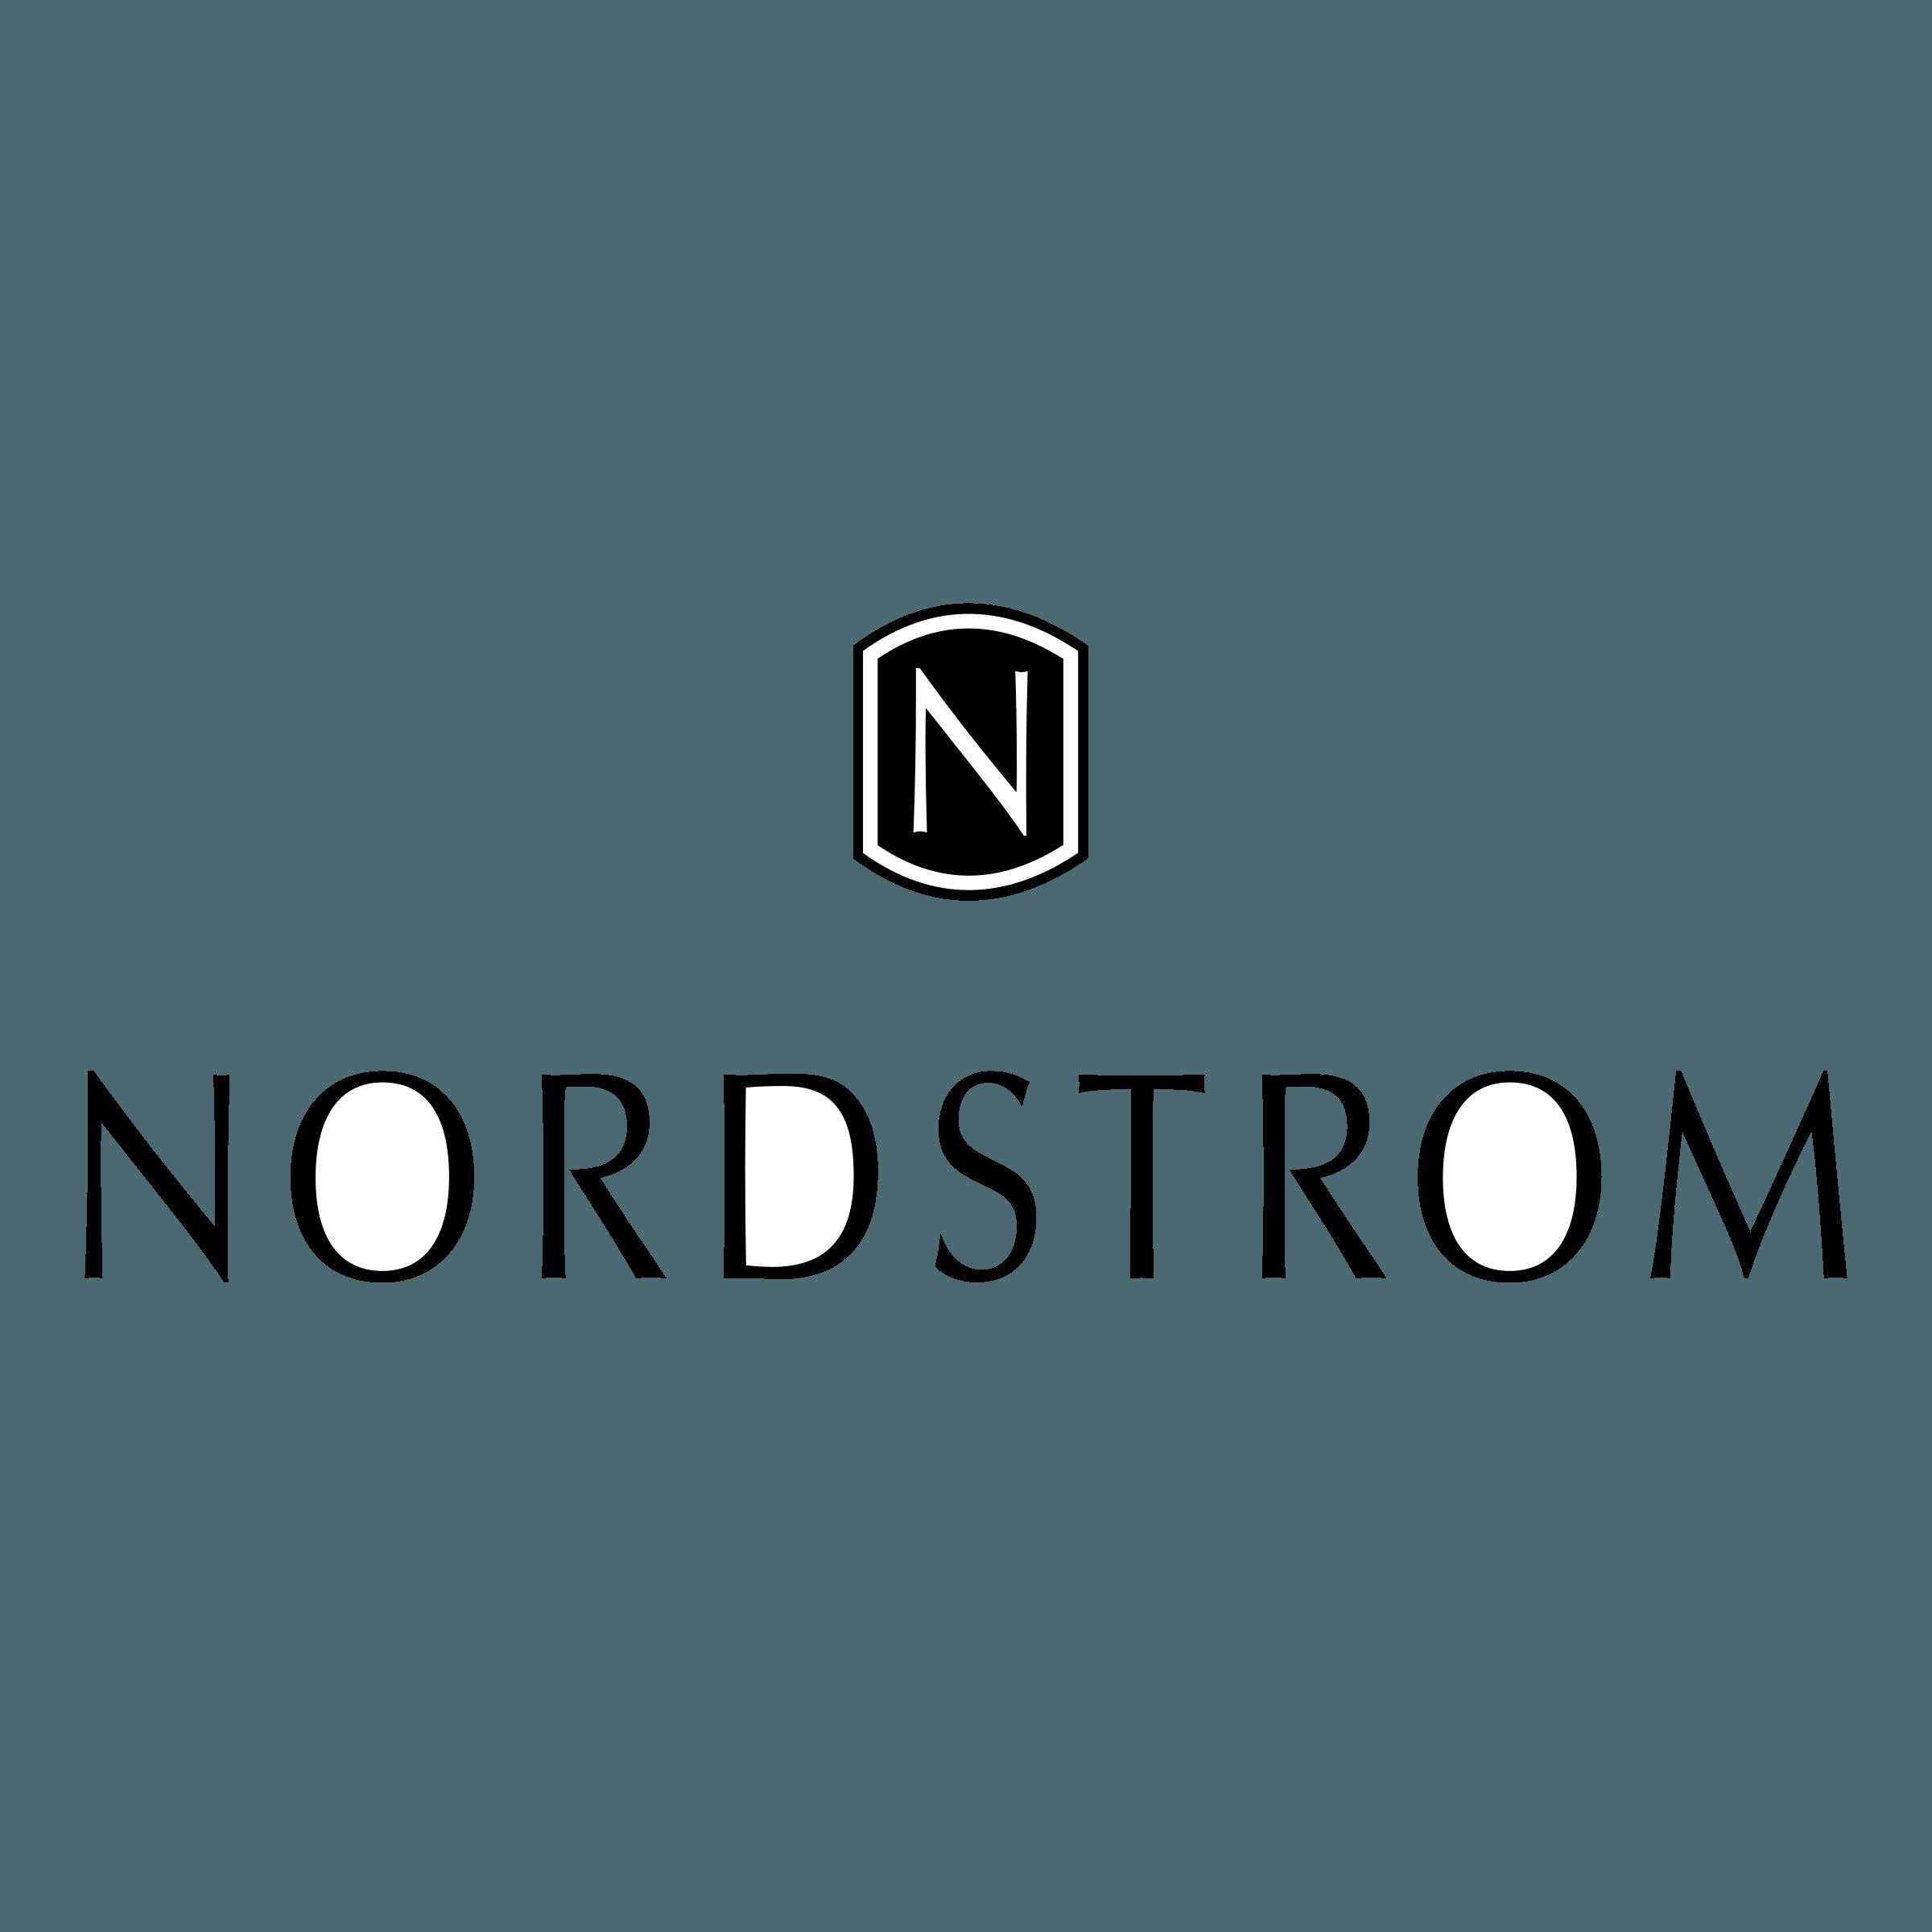 10927190e8f Nordstrom N Logo - Nordstrom Logo PNG Transparent   SVG Vector - Freebie  Supply